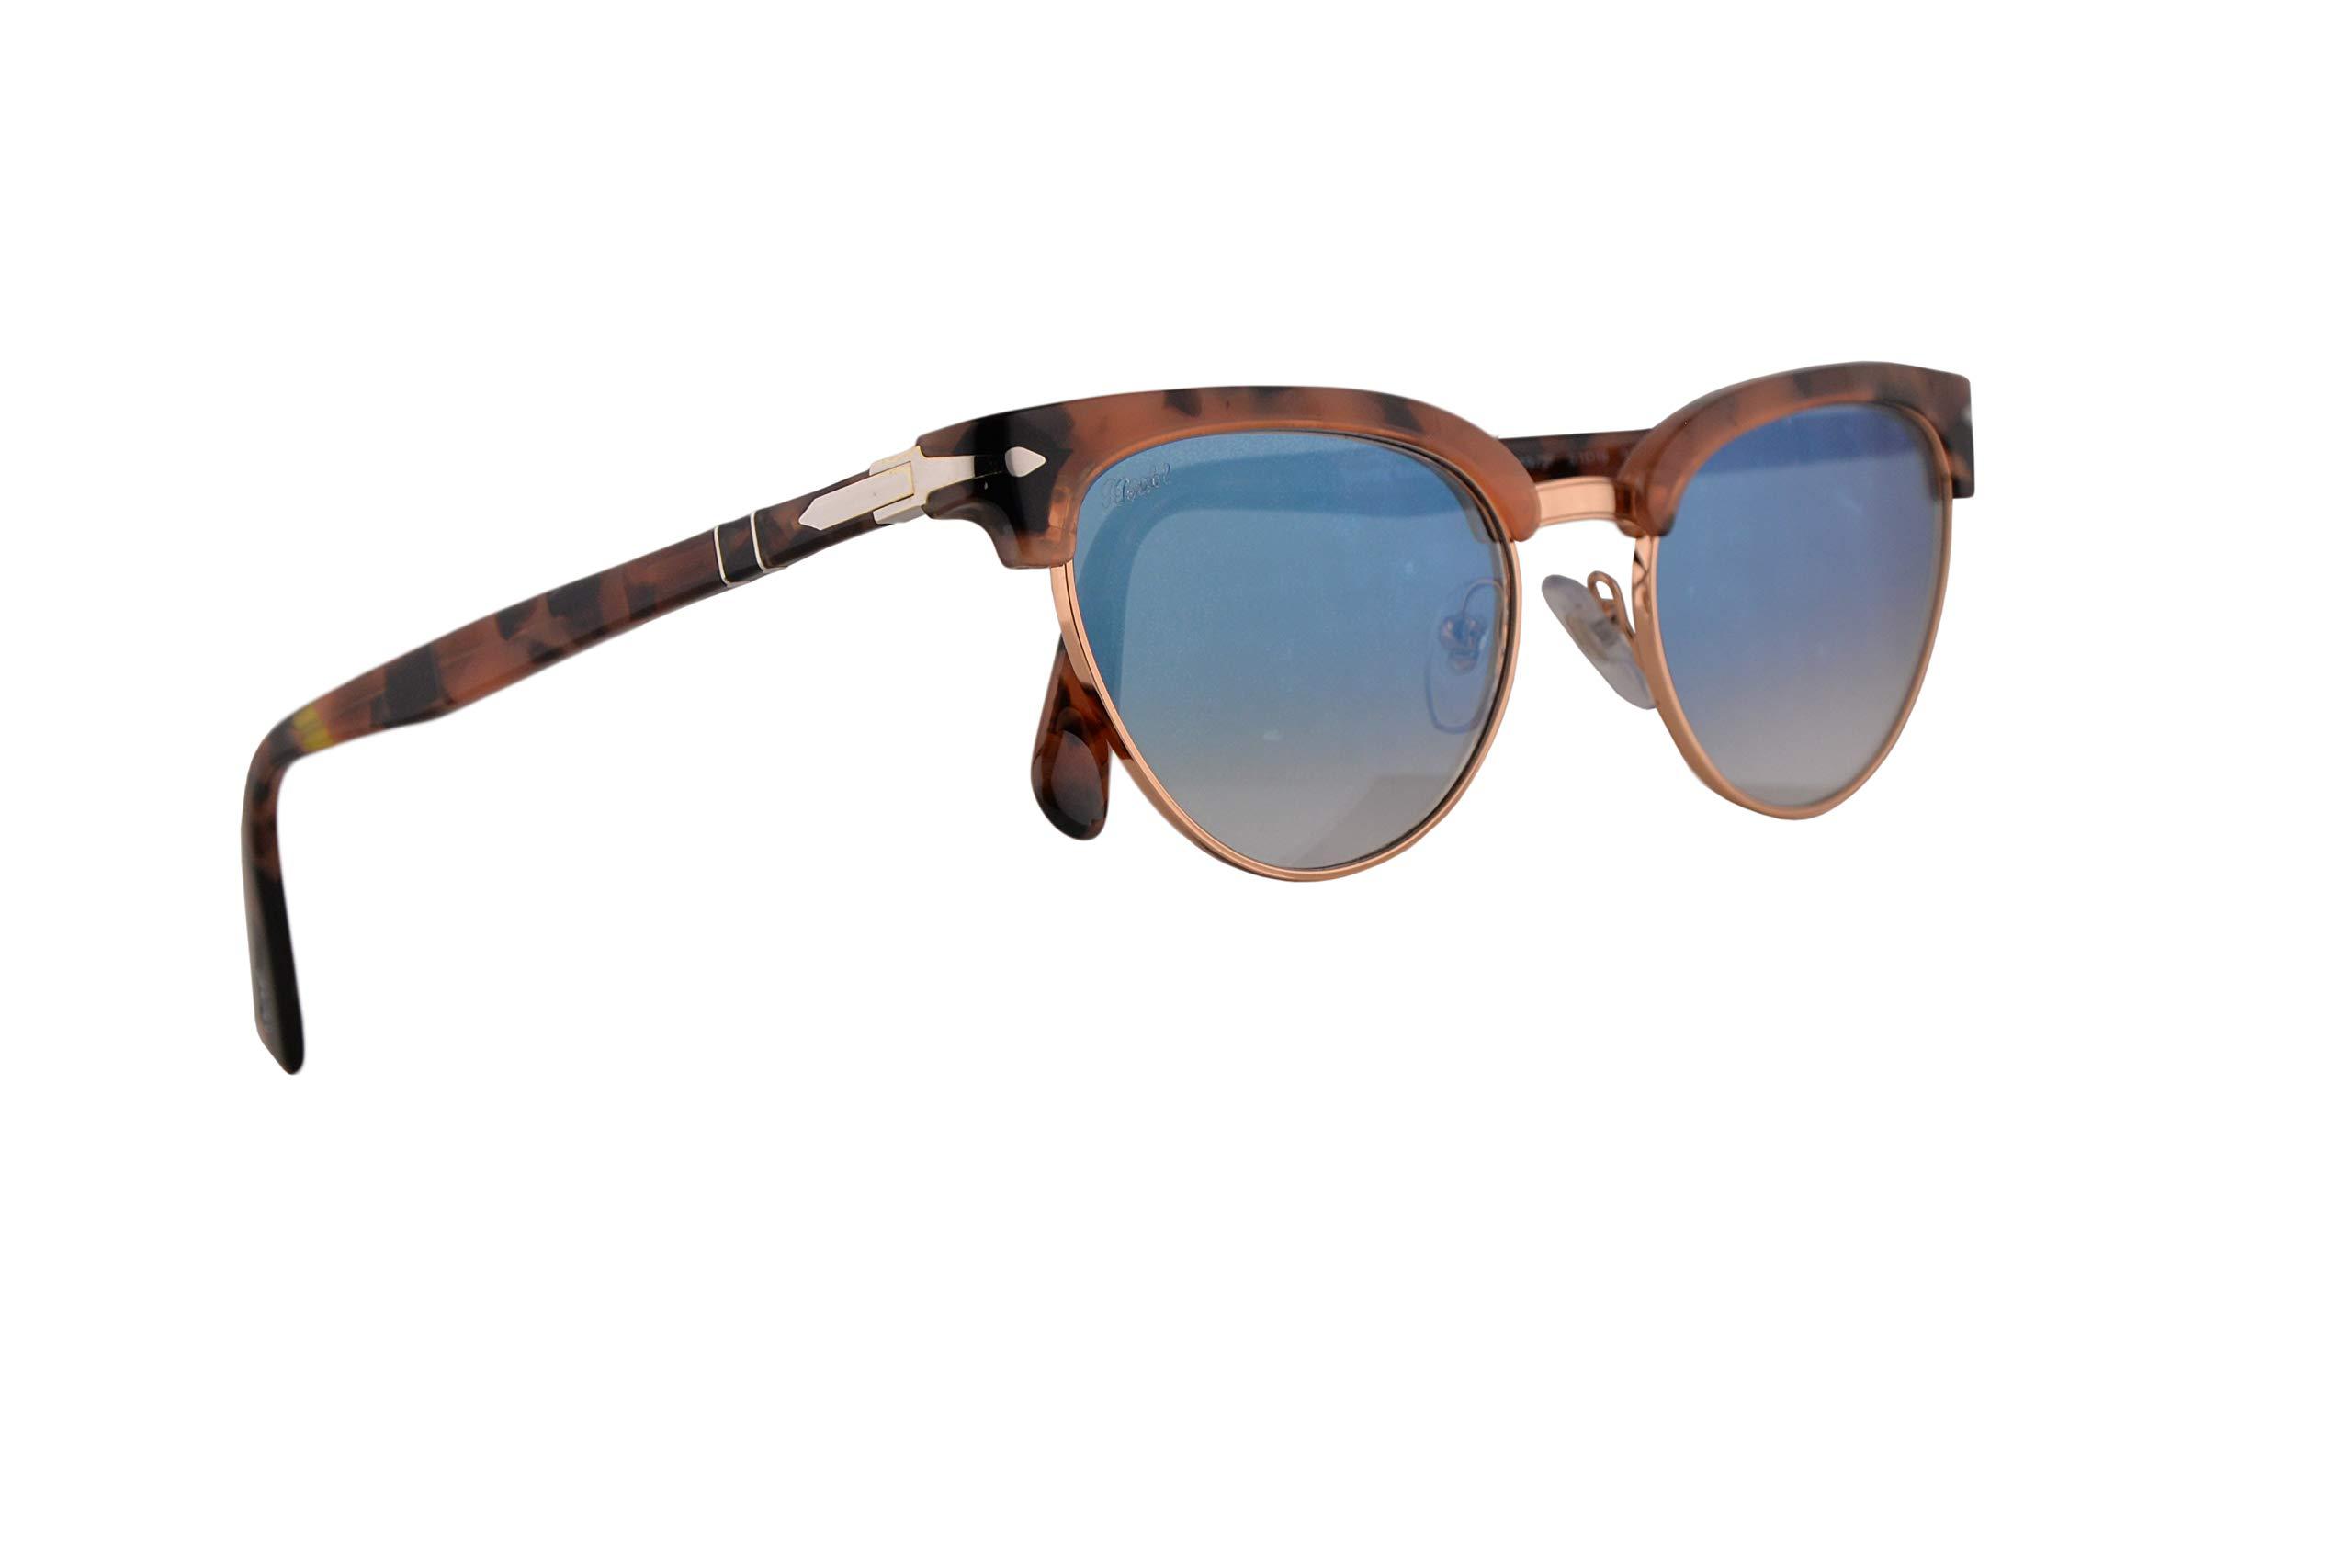 ویکالا · خرید  اصل اورجینال · خرید از آمازون · Persol PO3198S Tailoring Edition Sunglasses Tortoise Pink w/Blue Gradient 51mm Lens 10693F PO 3198S PO 3198-S PO3198-S wekala · ویکالا